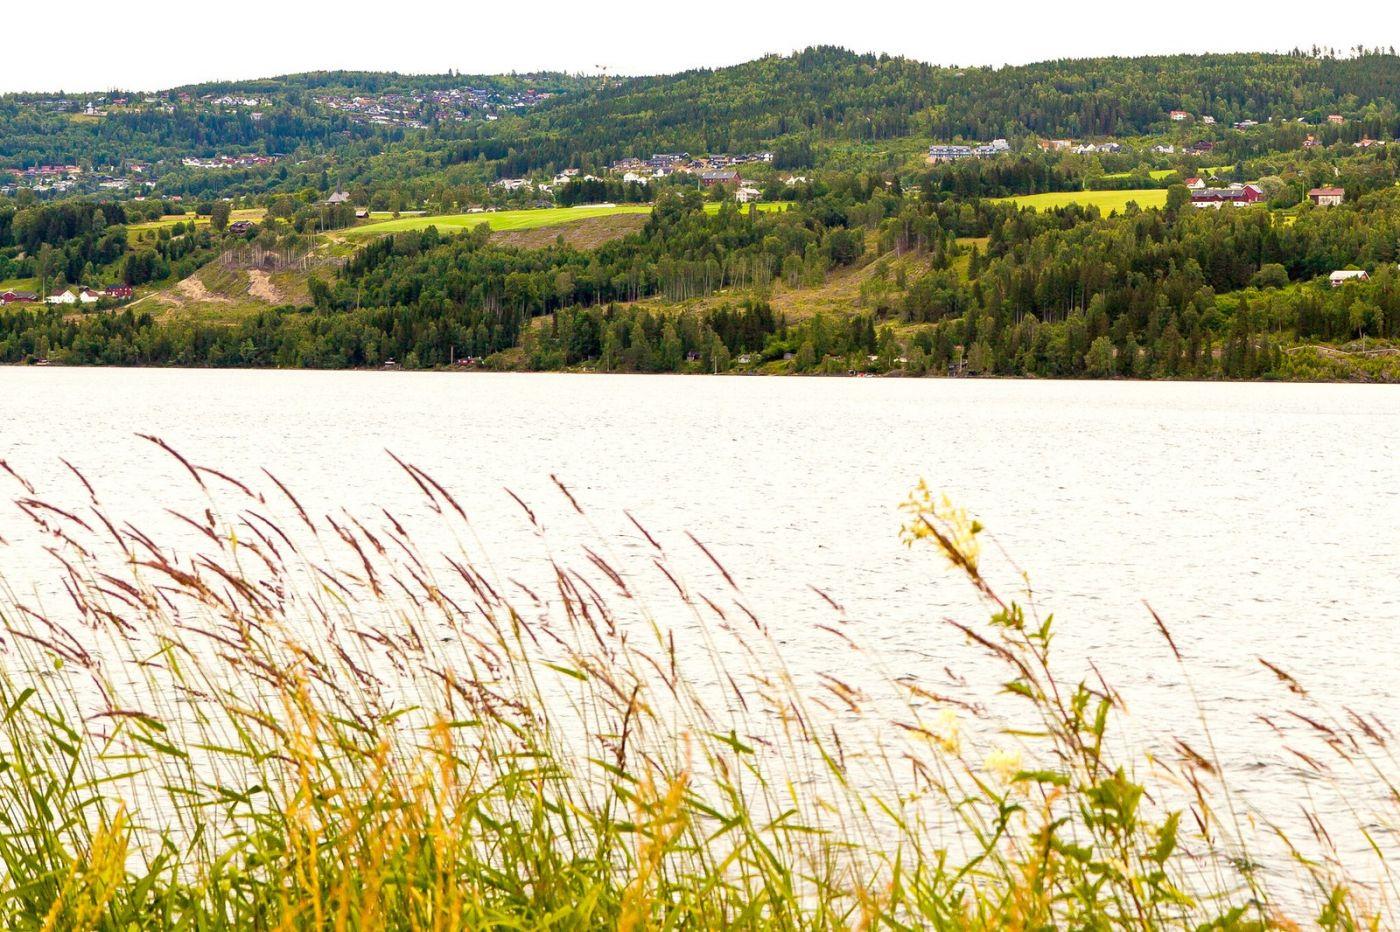 北欧风光,风景美如画_图1-5